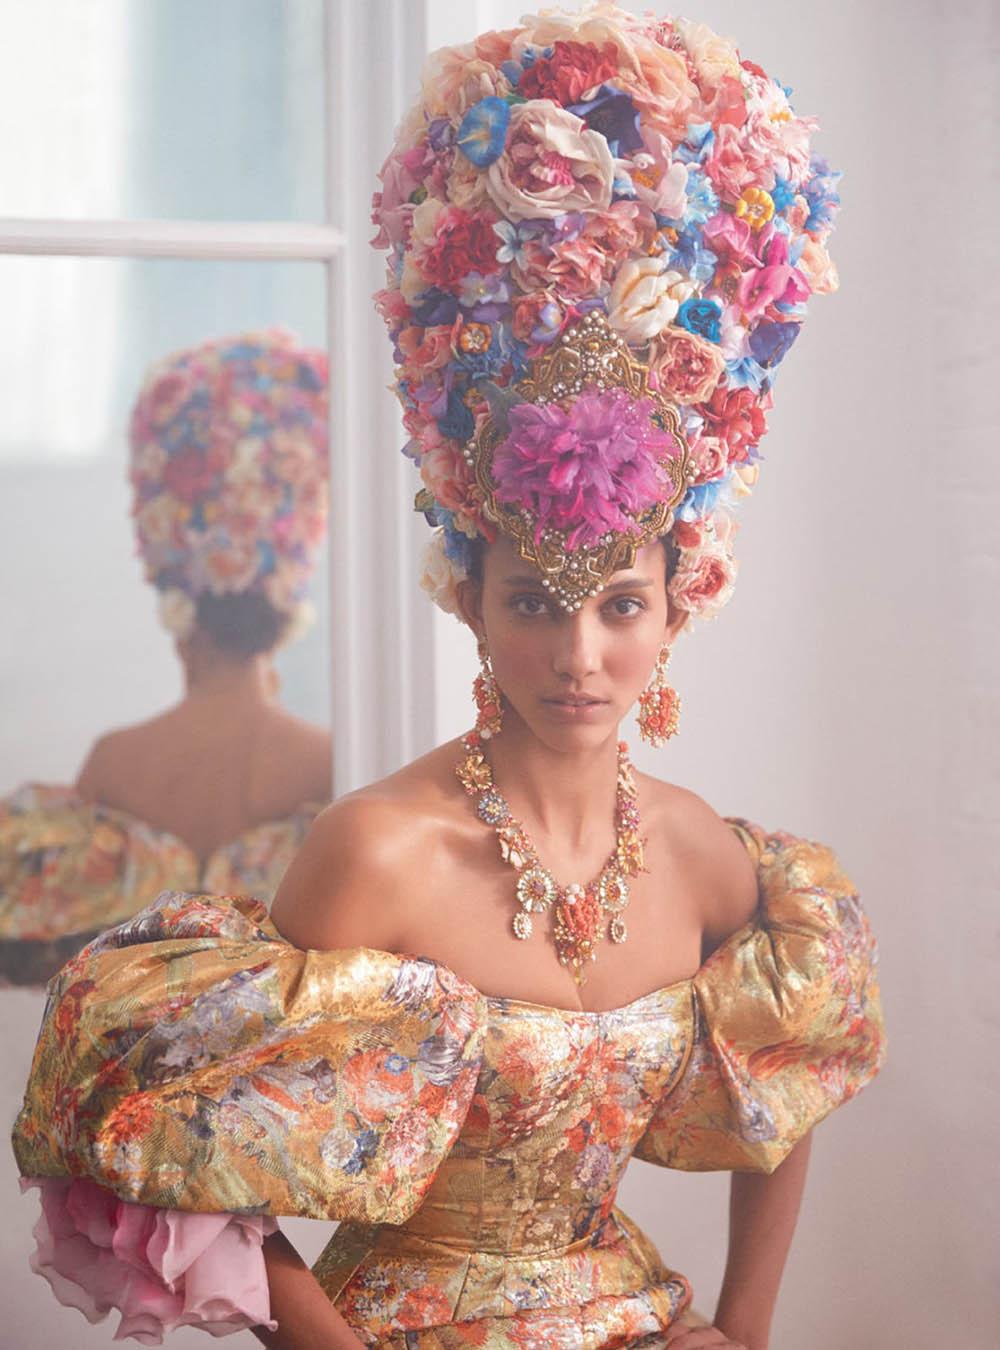 Cora Emmanuel by Richard Phibbs for Harper's Bazaar UK June 2019